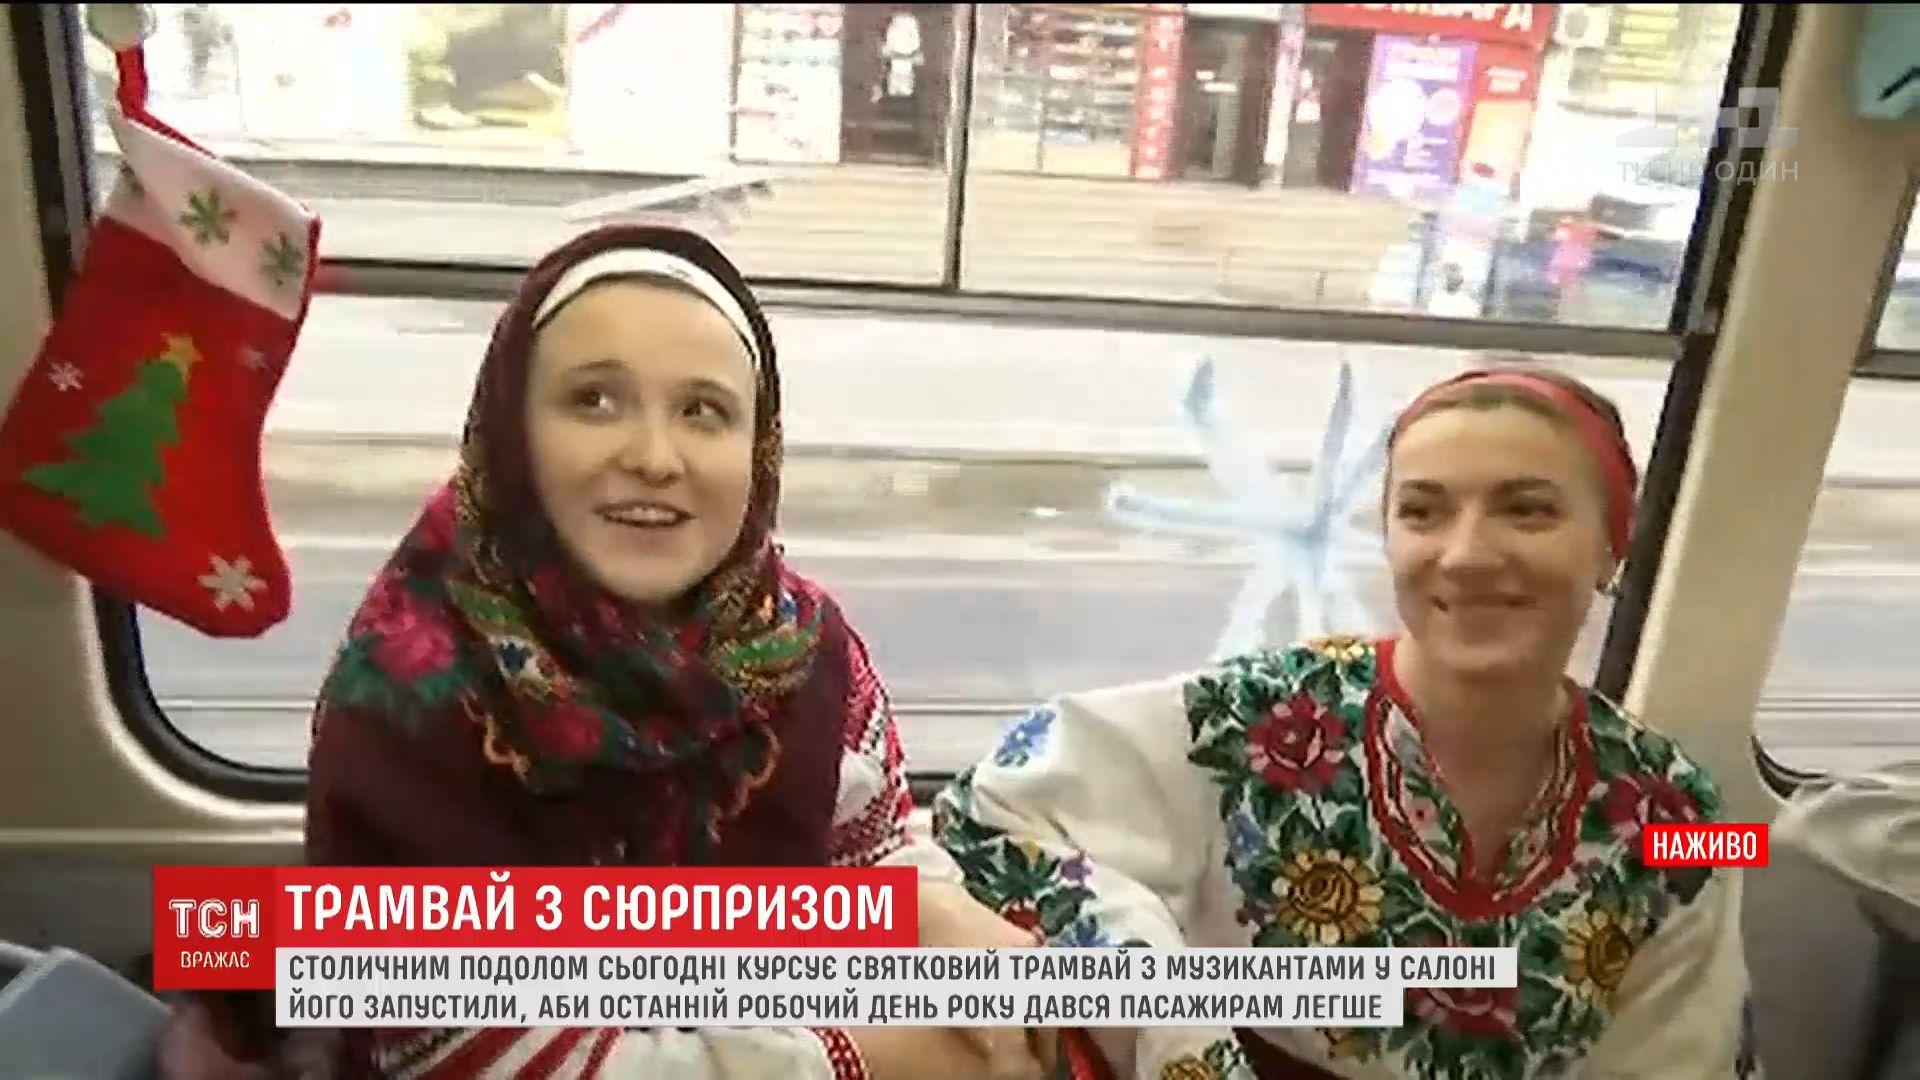 В трамвае утром царит новогоднее настроение / Скриншот видео ТСН